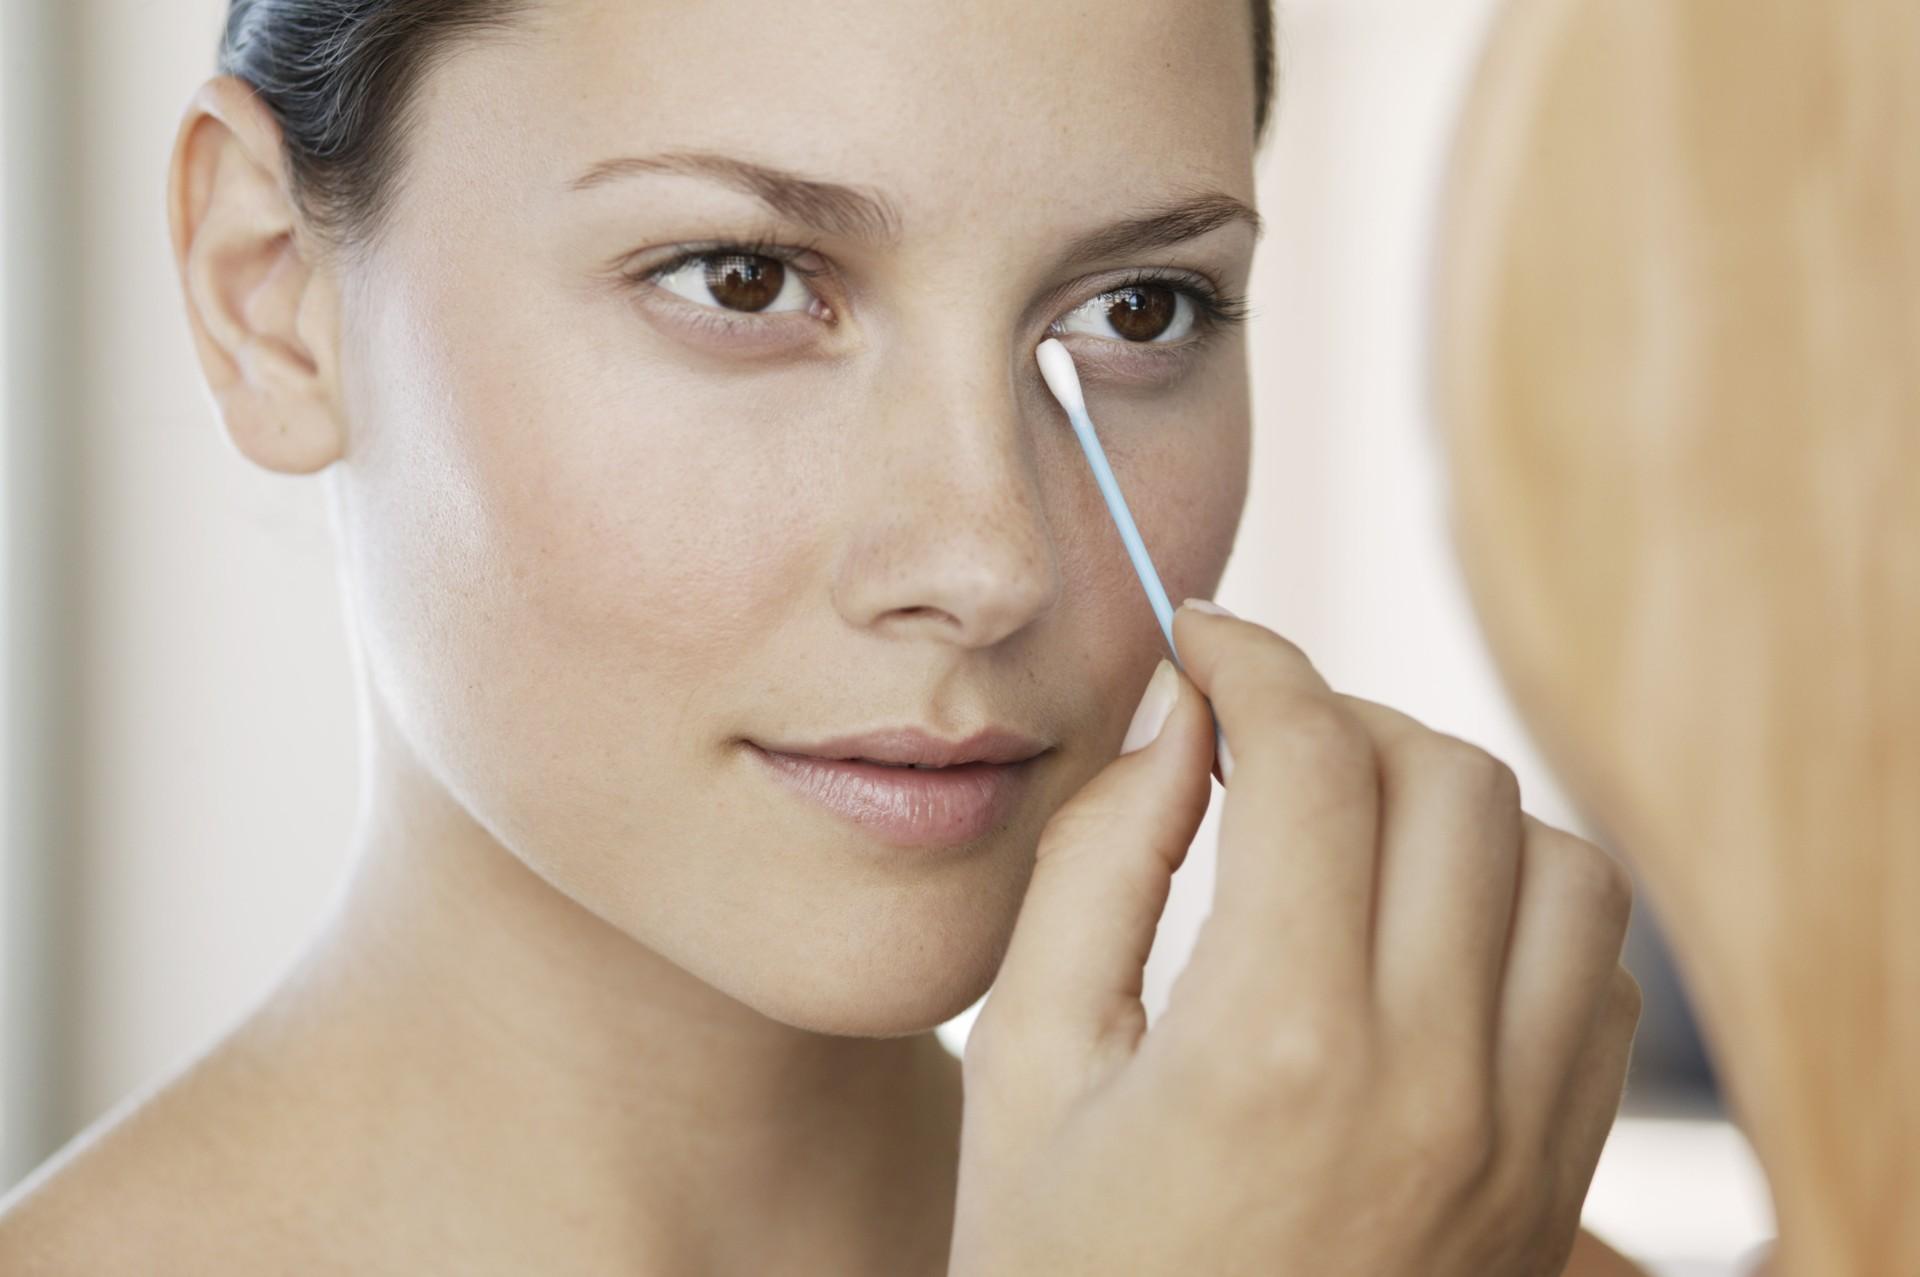 Cotonete pode ser usado para transportar e retocar a maquiagem (Foto: Think Stock)